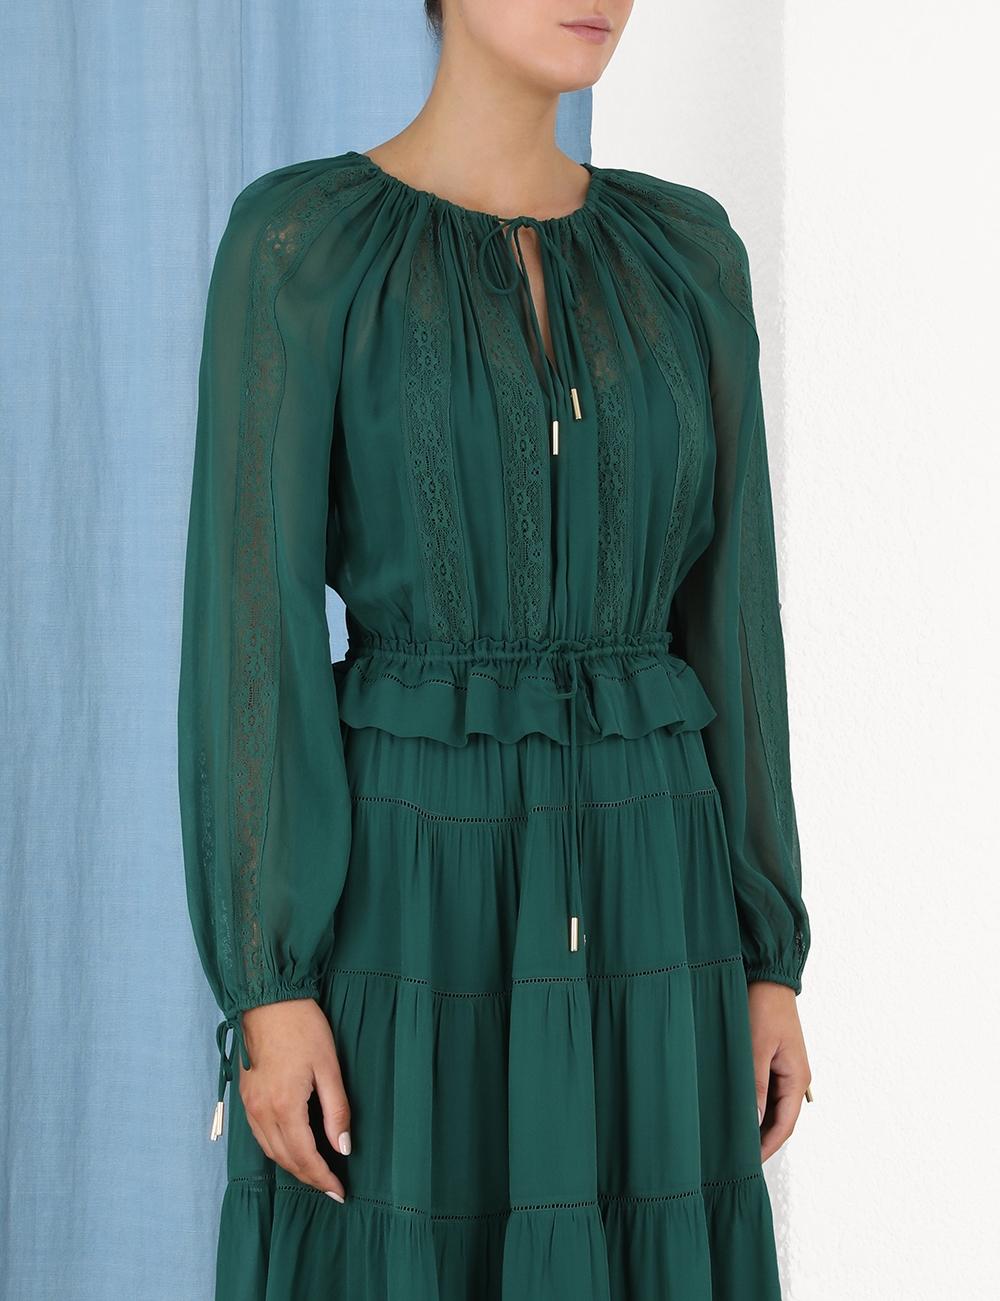 Rhythm Drawstring Dress